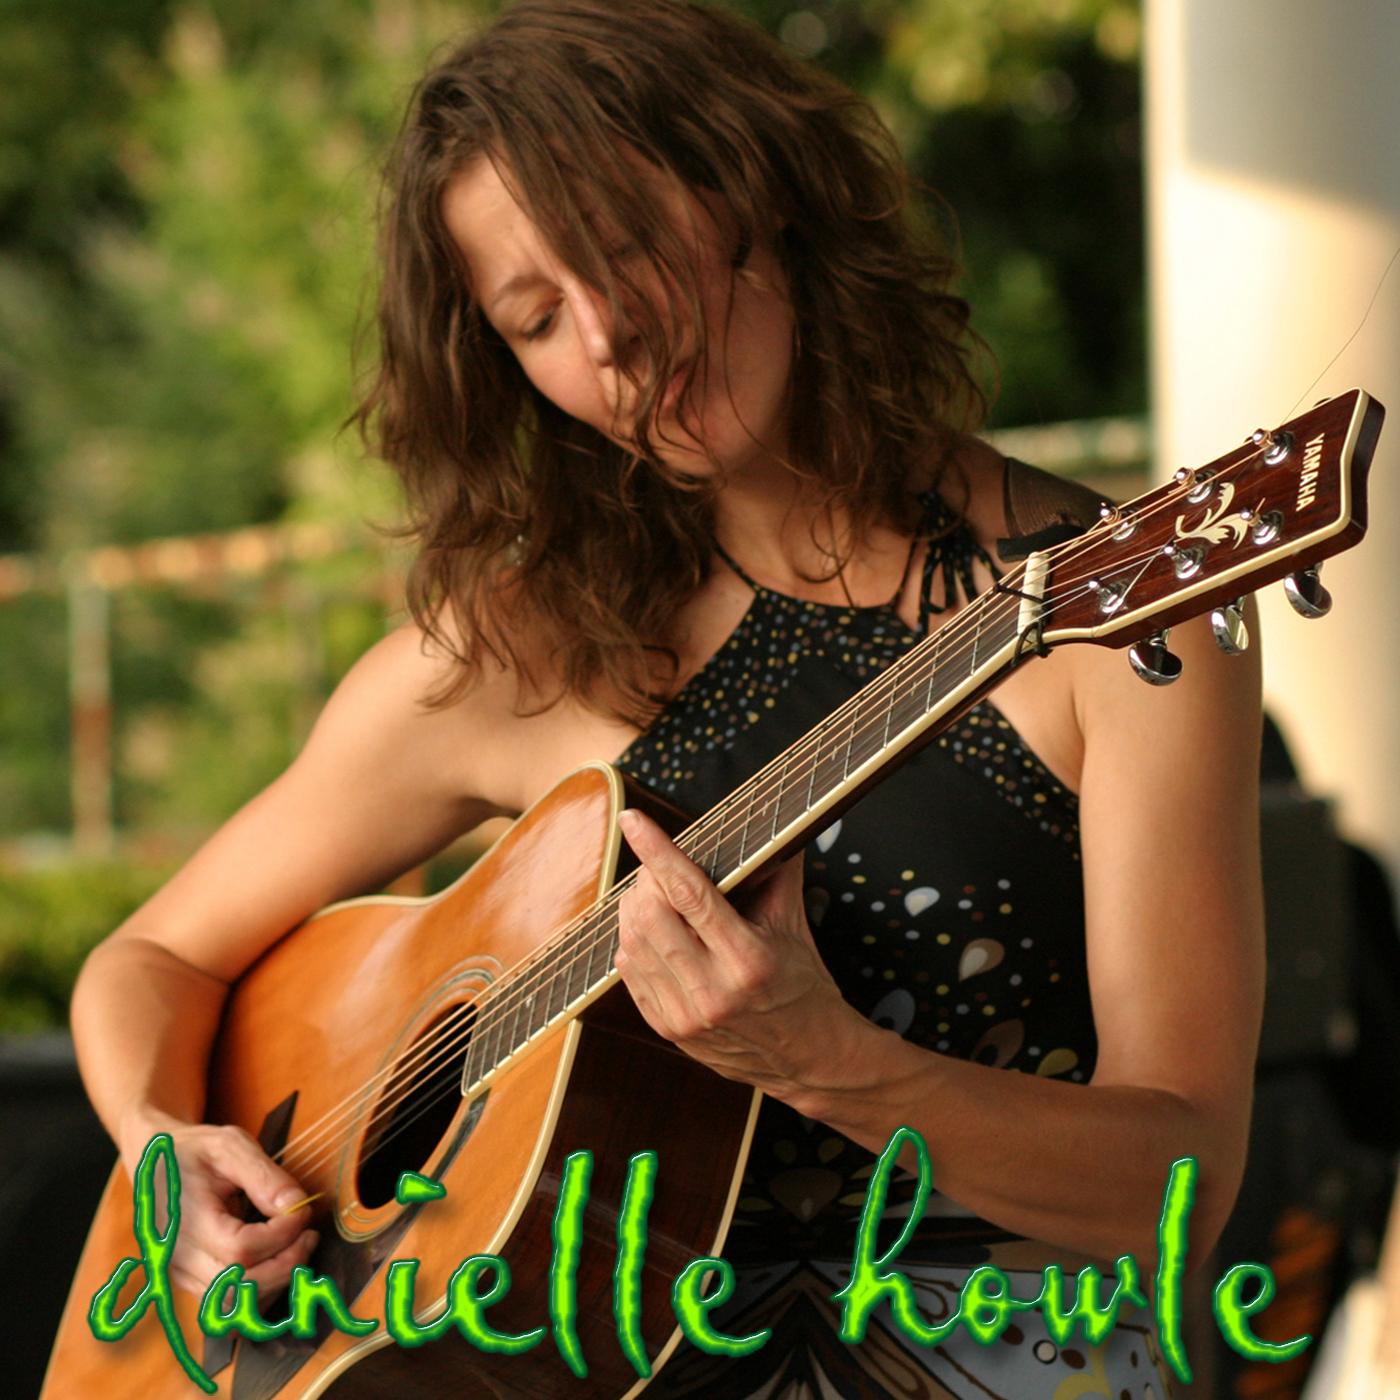 Danielle Howle